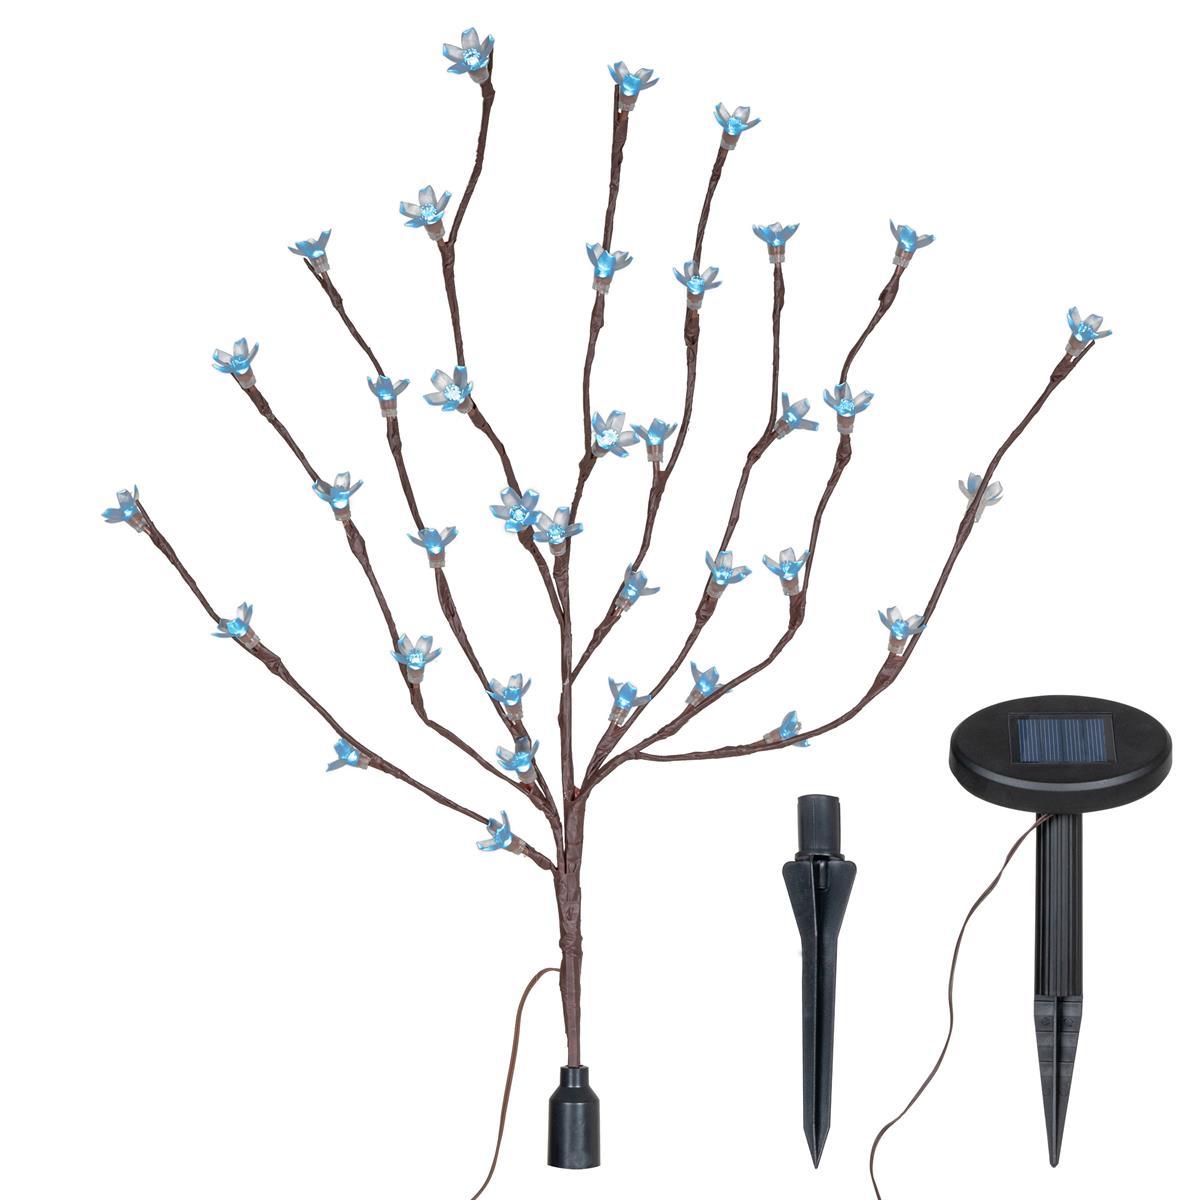 Solar 36 LED Lichterzweig kalt weiß Zweig mit Blüten Strauß Blinkfunktion